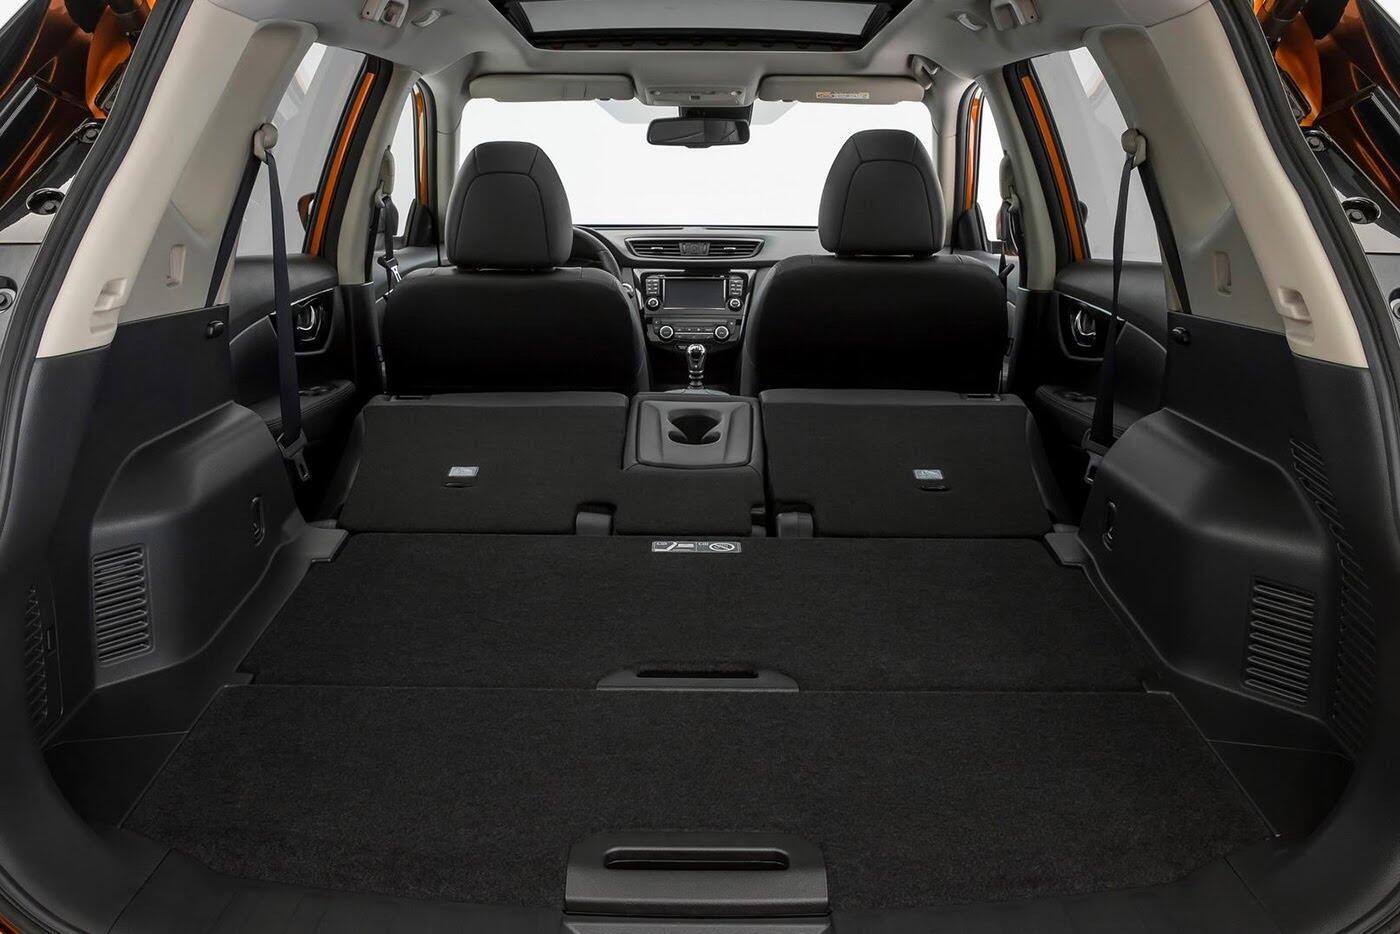 Nissan X-Trail 2017 có thêm phiên bản Nismo mới hầm hố và thể thao - Hình 5